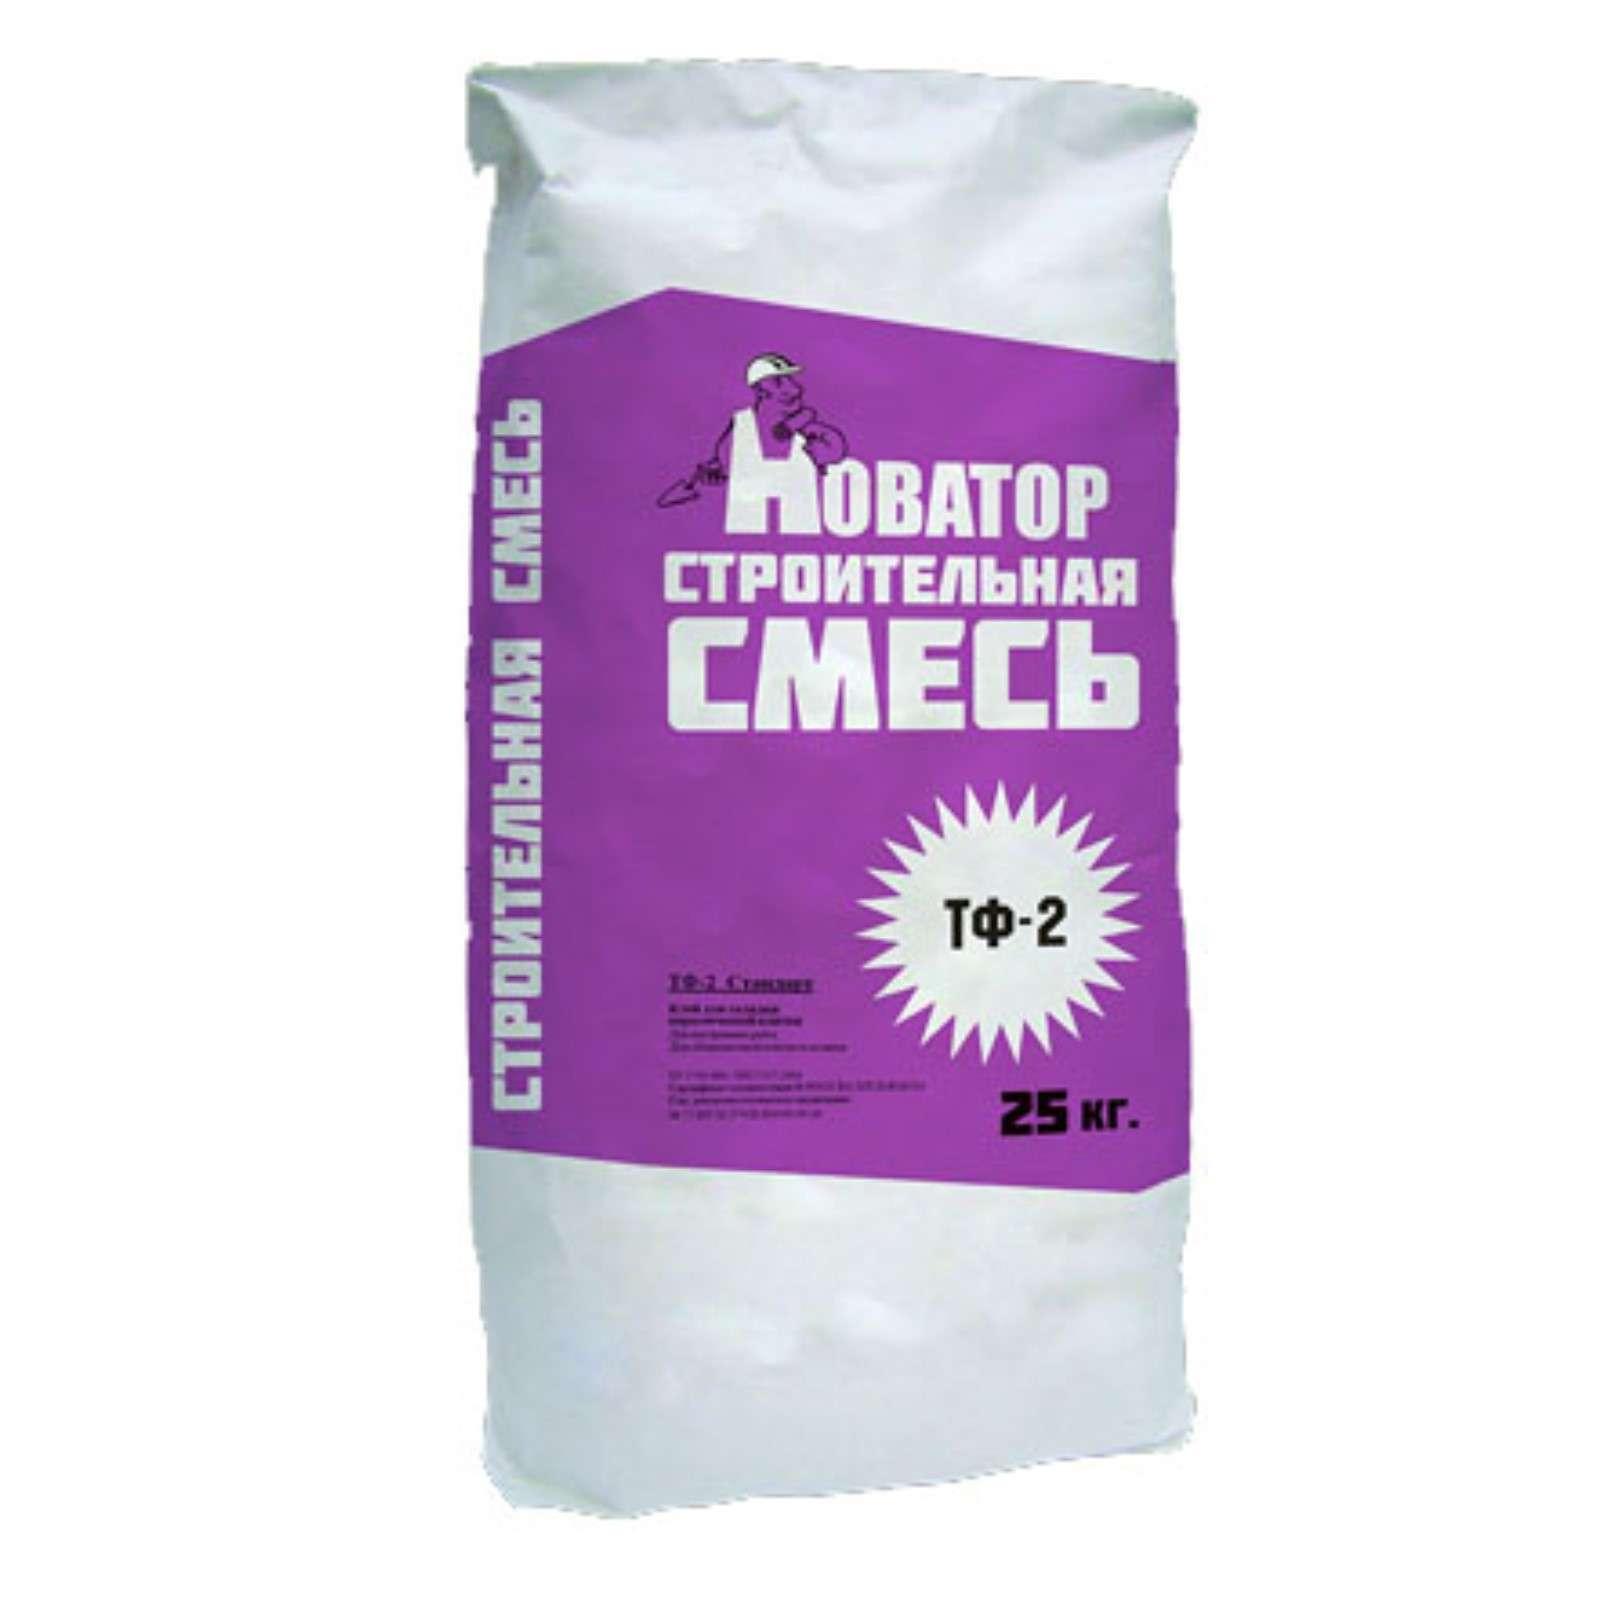 Морозостойкая бетонная смесь бетон фряново